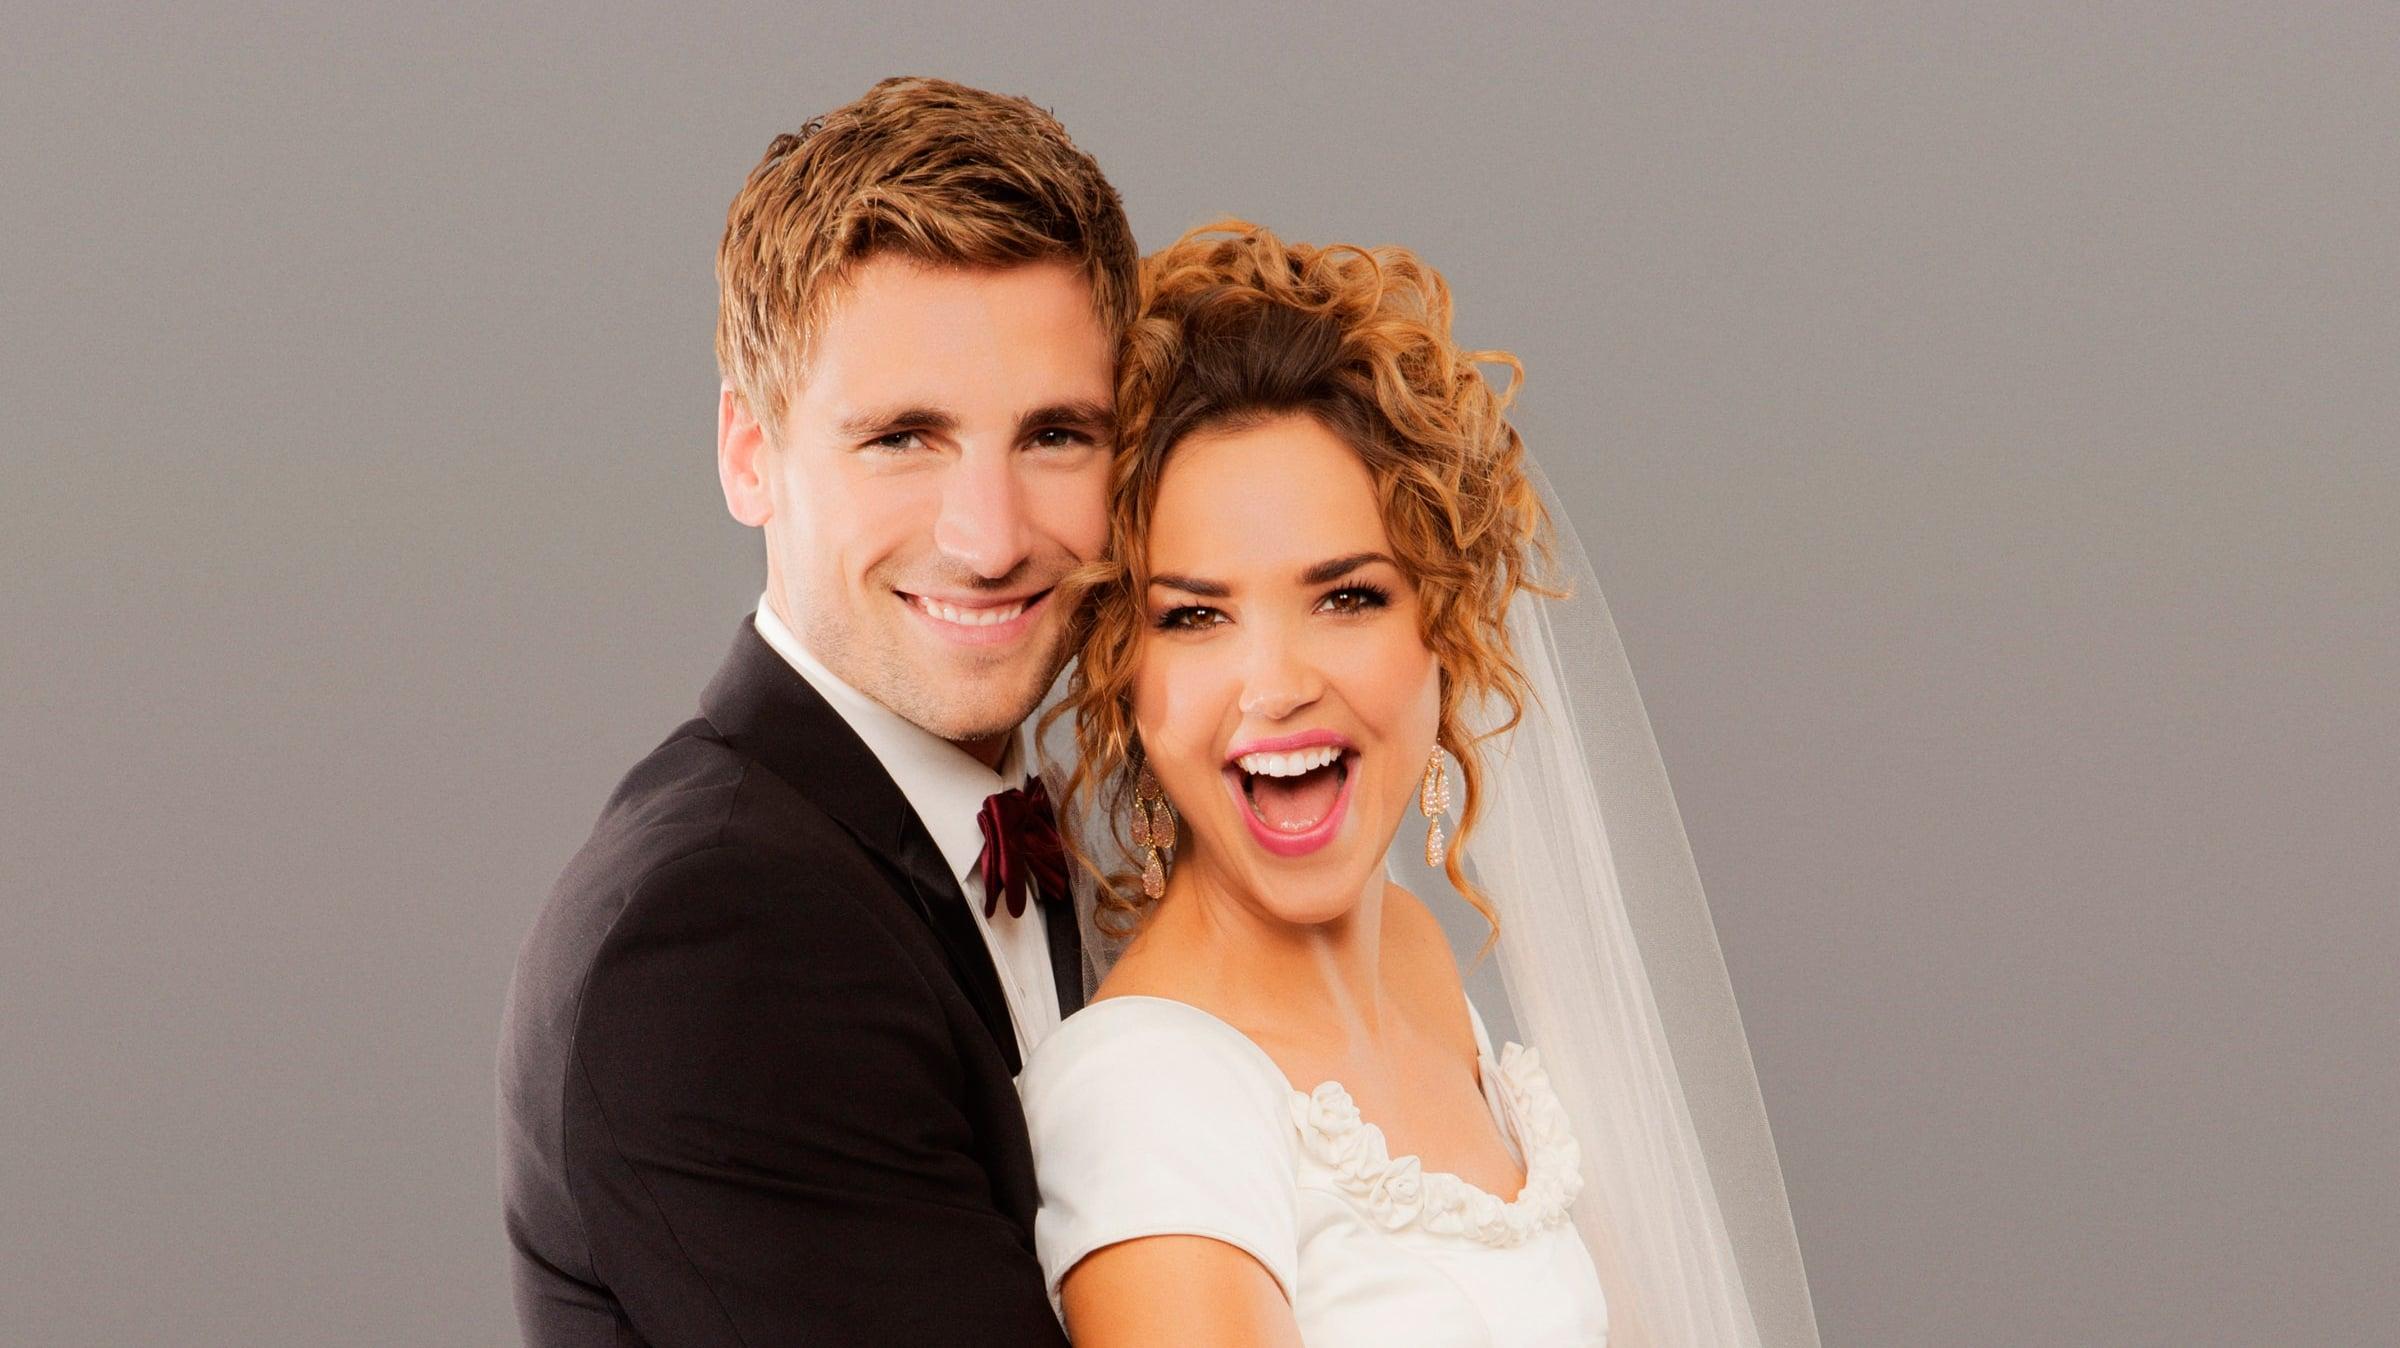 The Bride Stream Deutsch